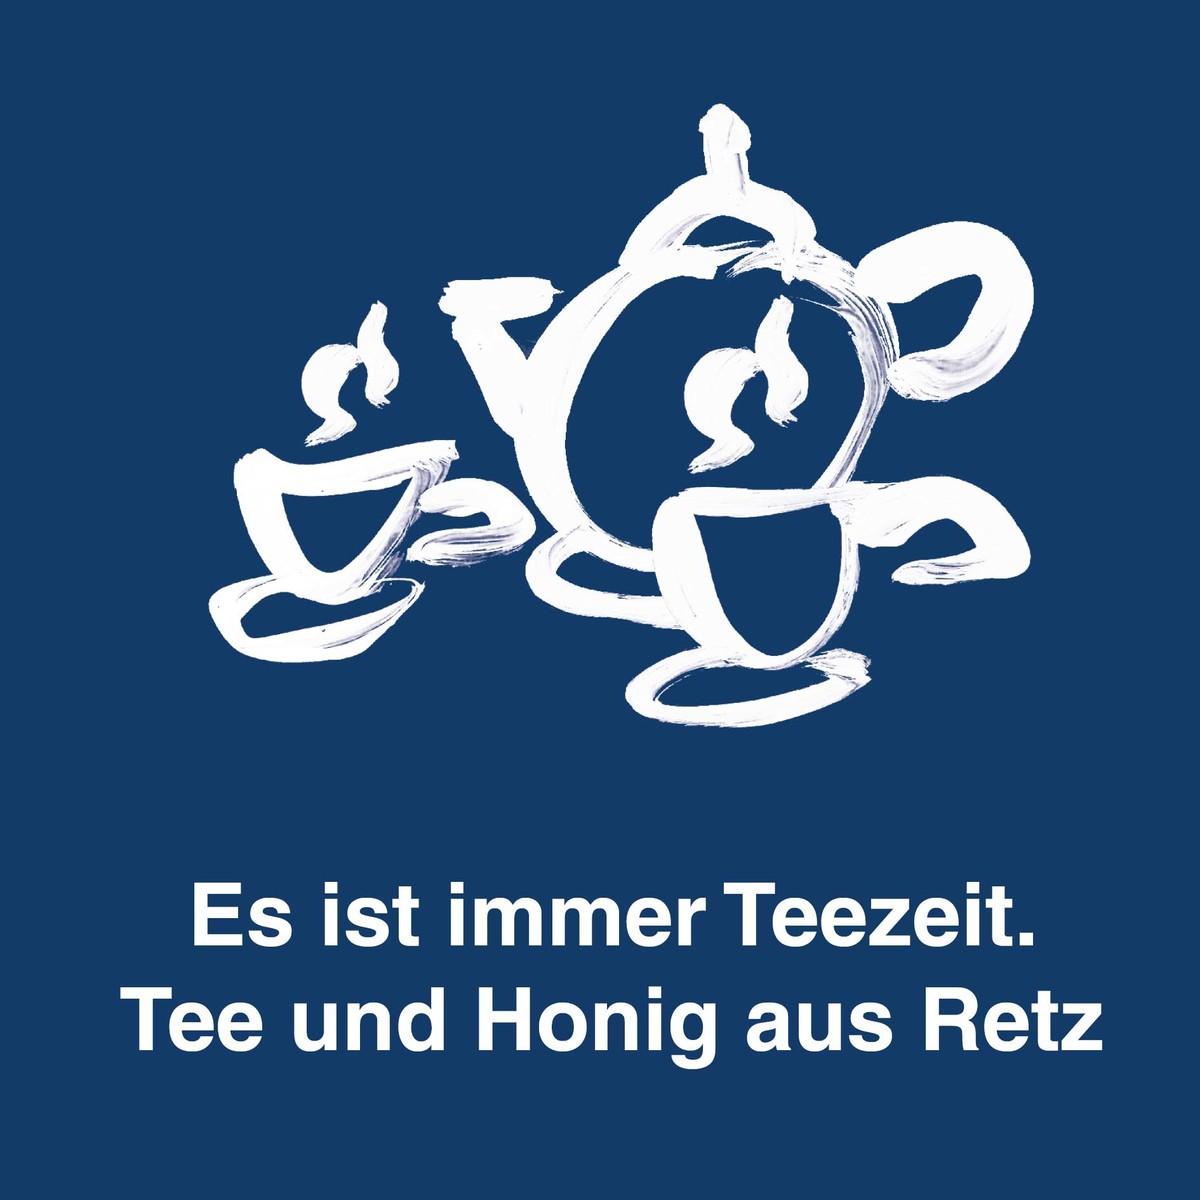 Tee-Tageszentrum-Retz-wirhelfen